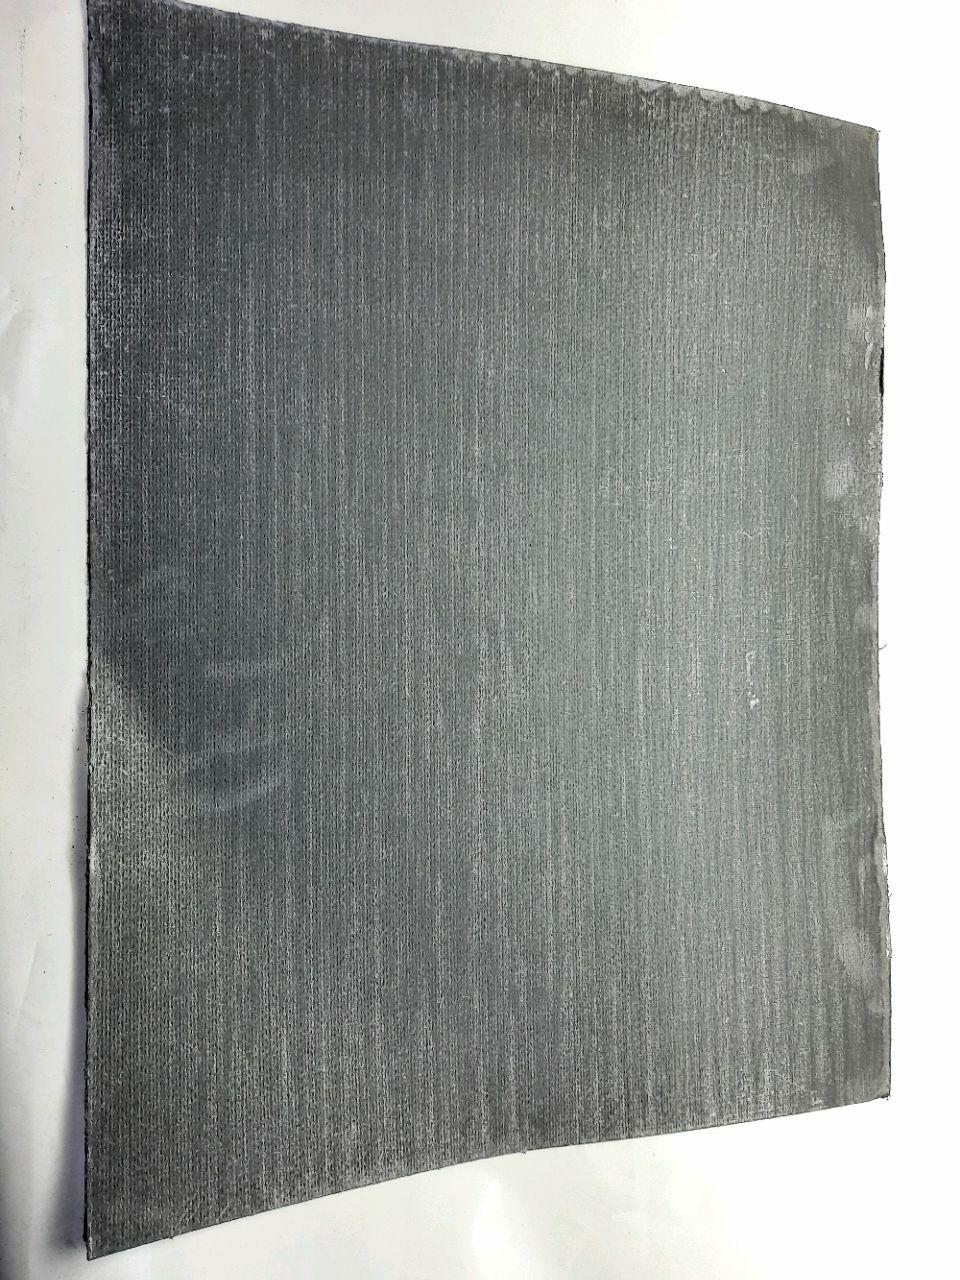 Crendelit 1.5 мм (675x512x1.5)